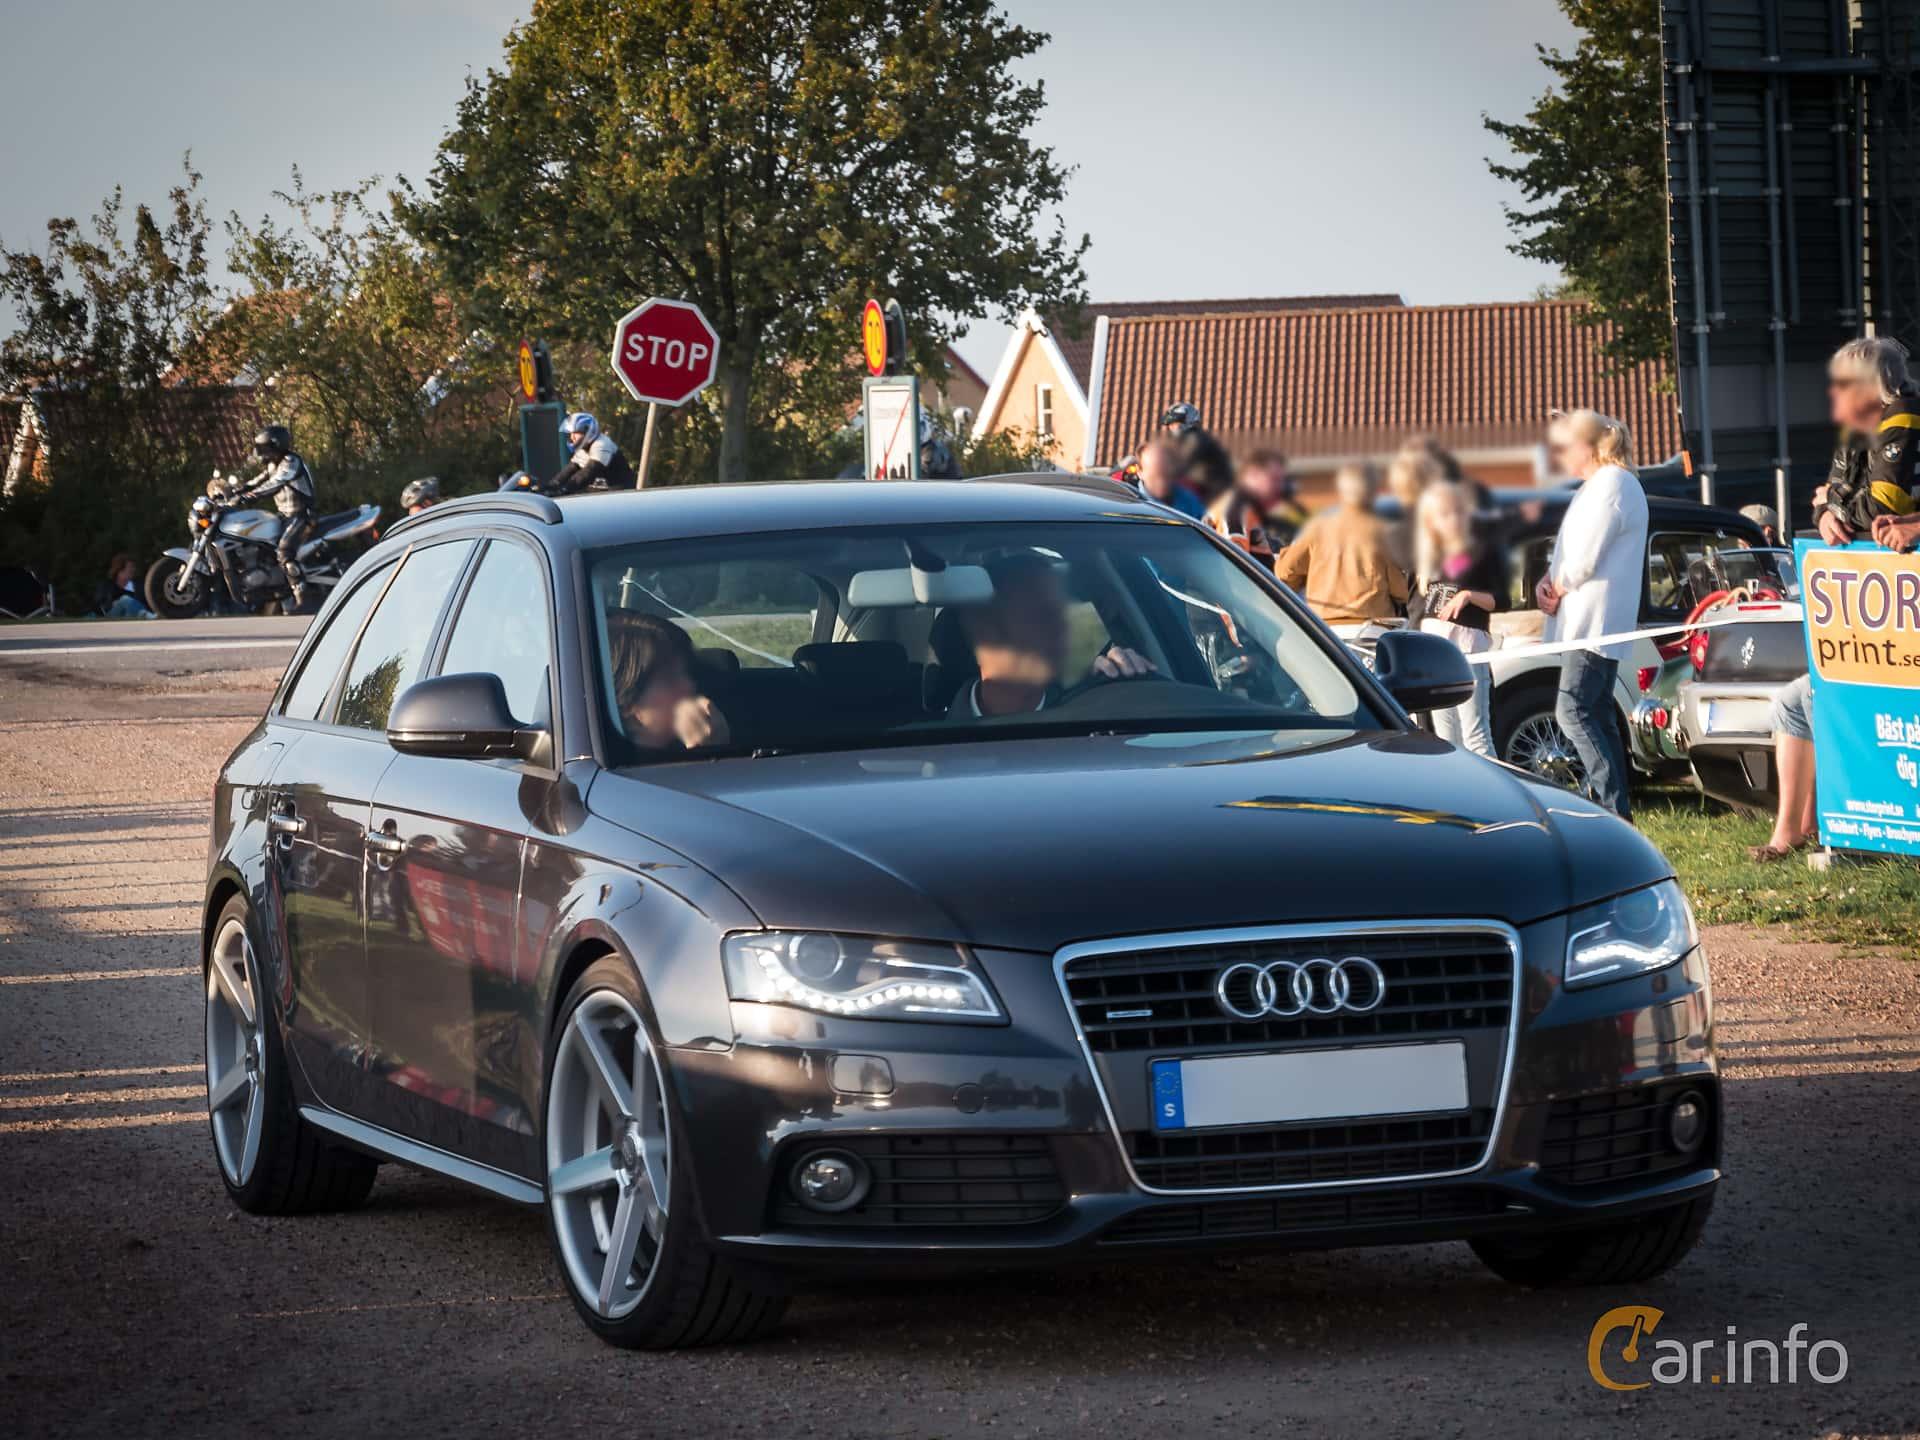 Kelebihan Kekurangan Audi A4 2009 Harga